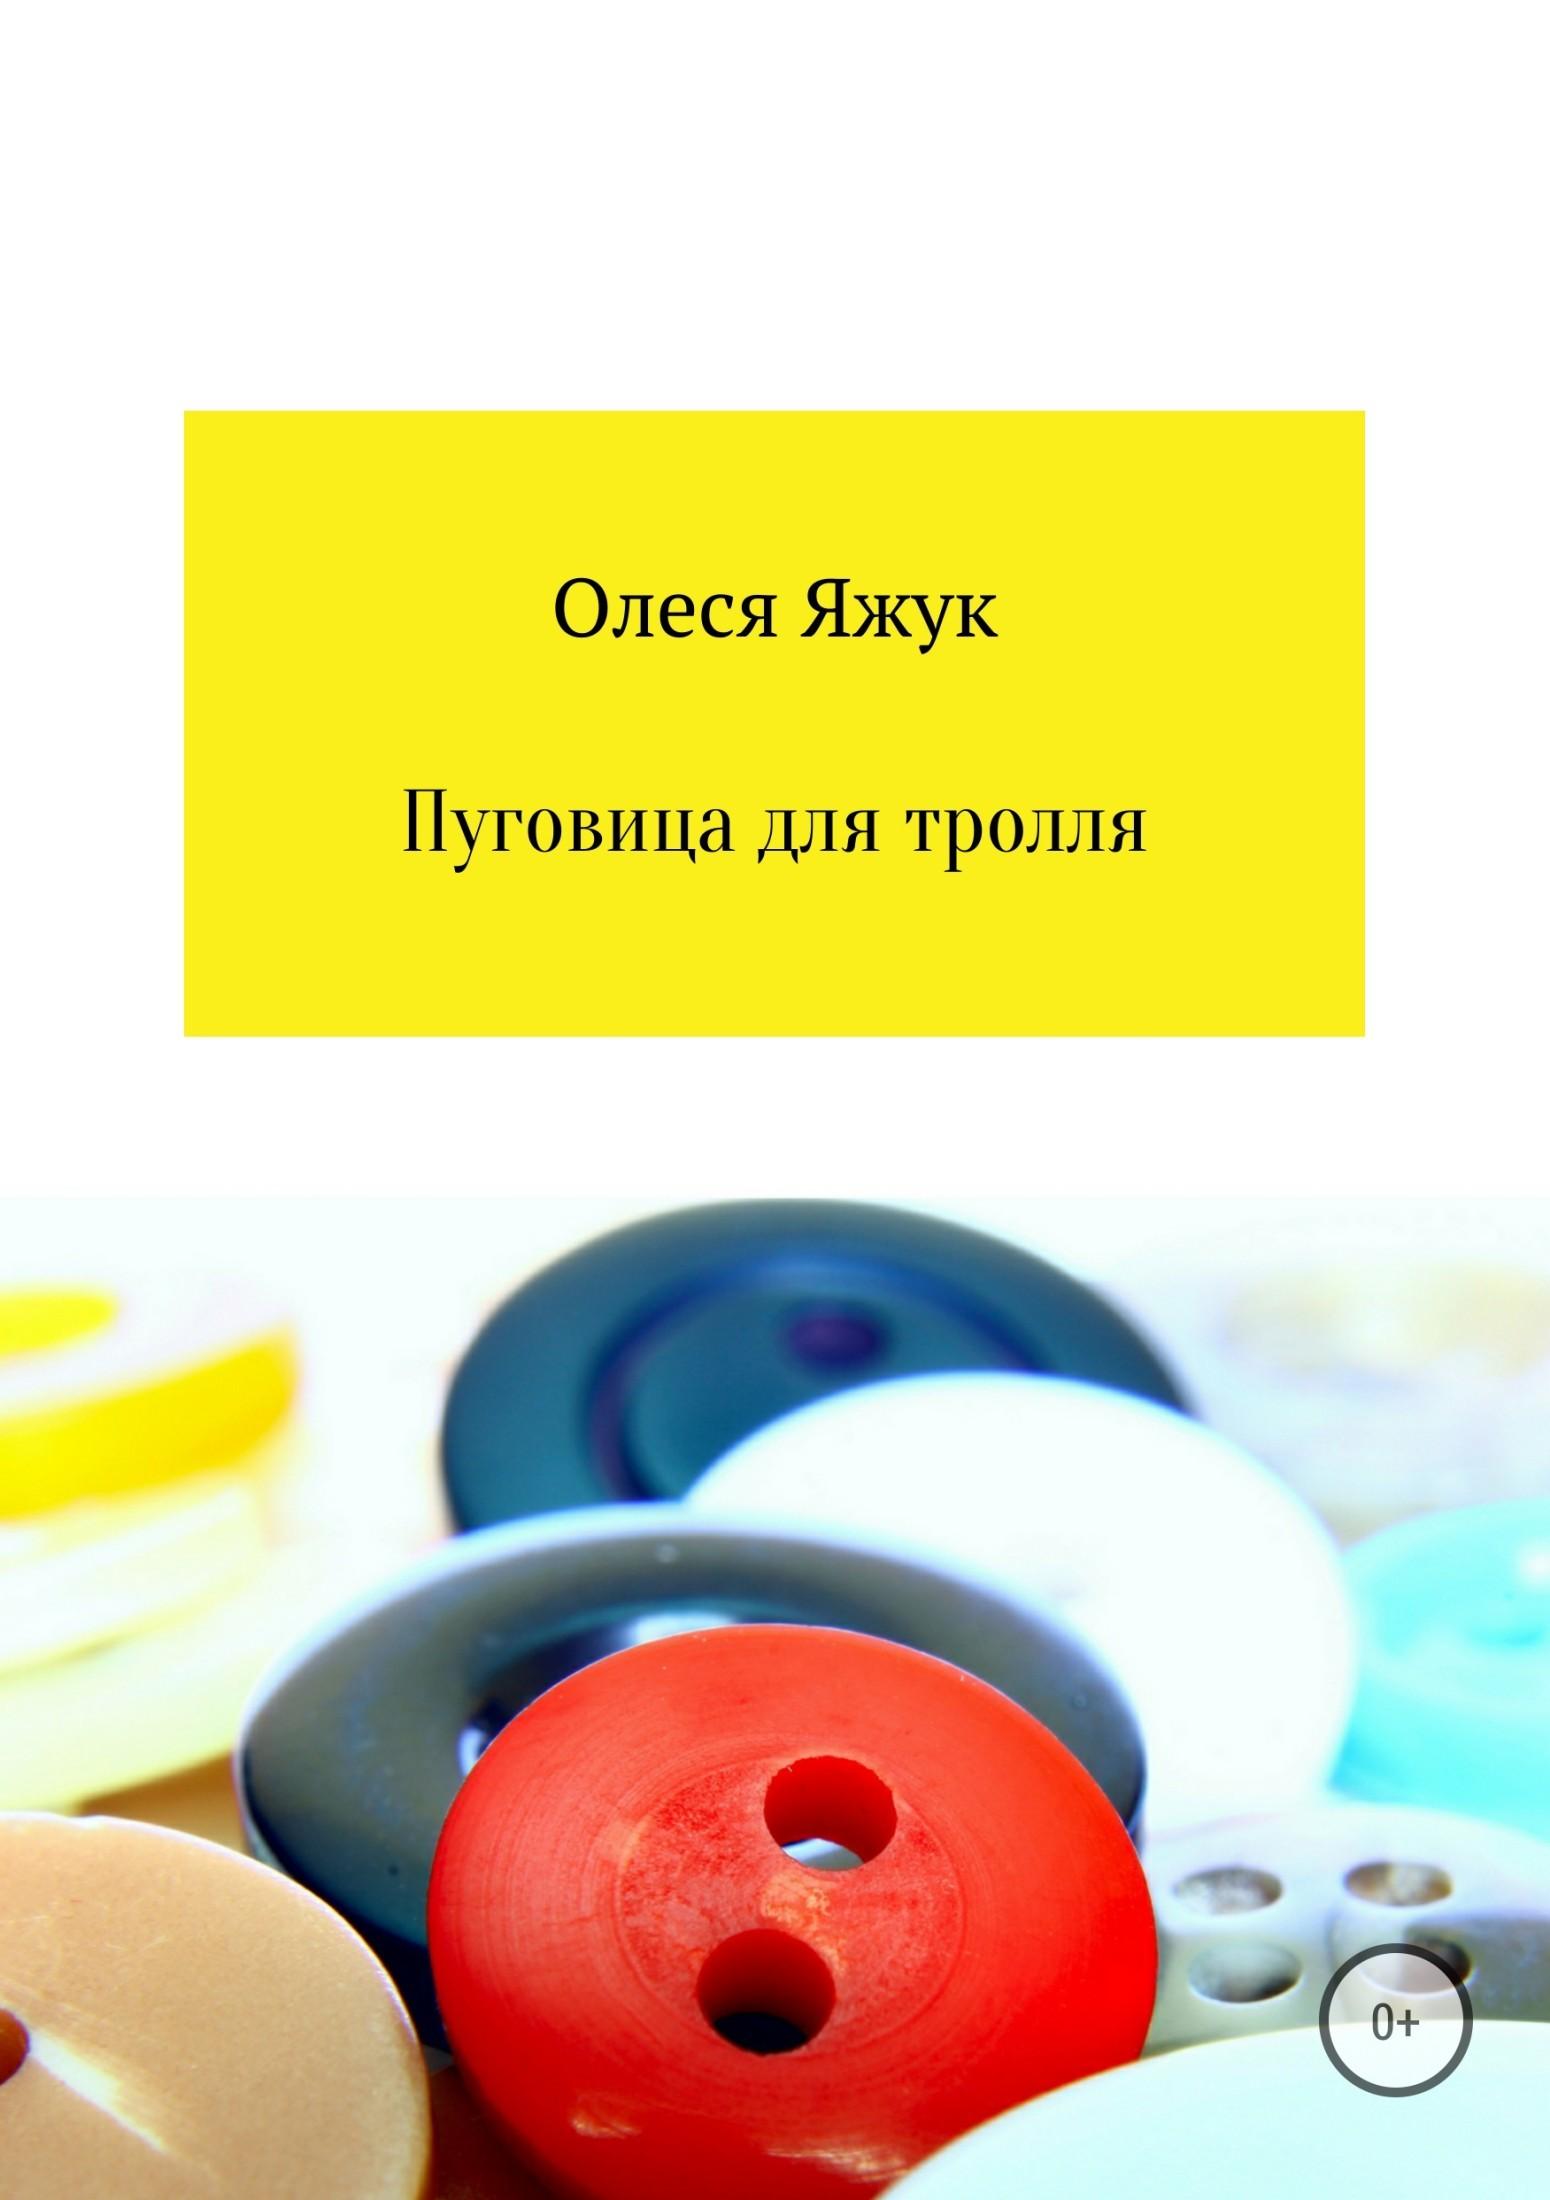 Олеся Яжук - Пуговица для тролля